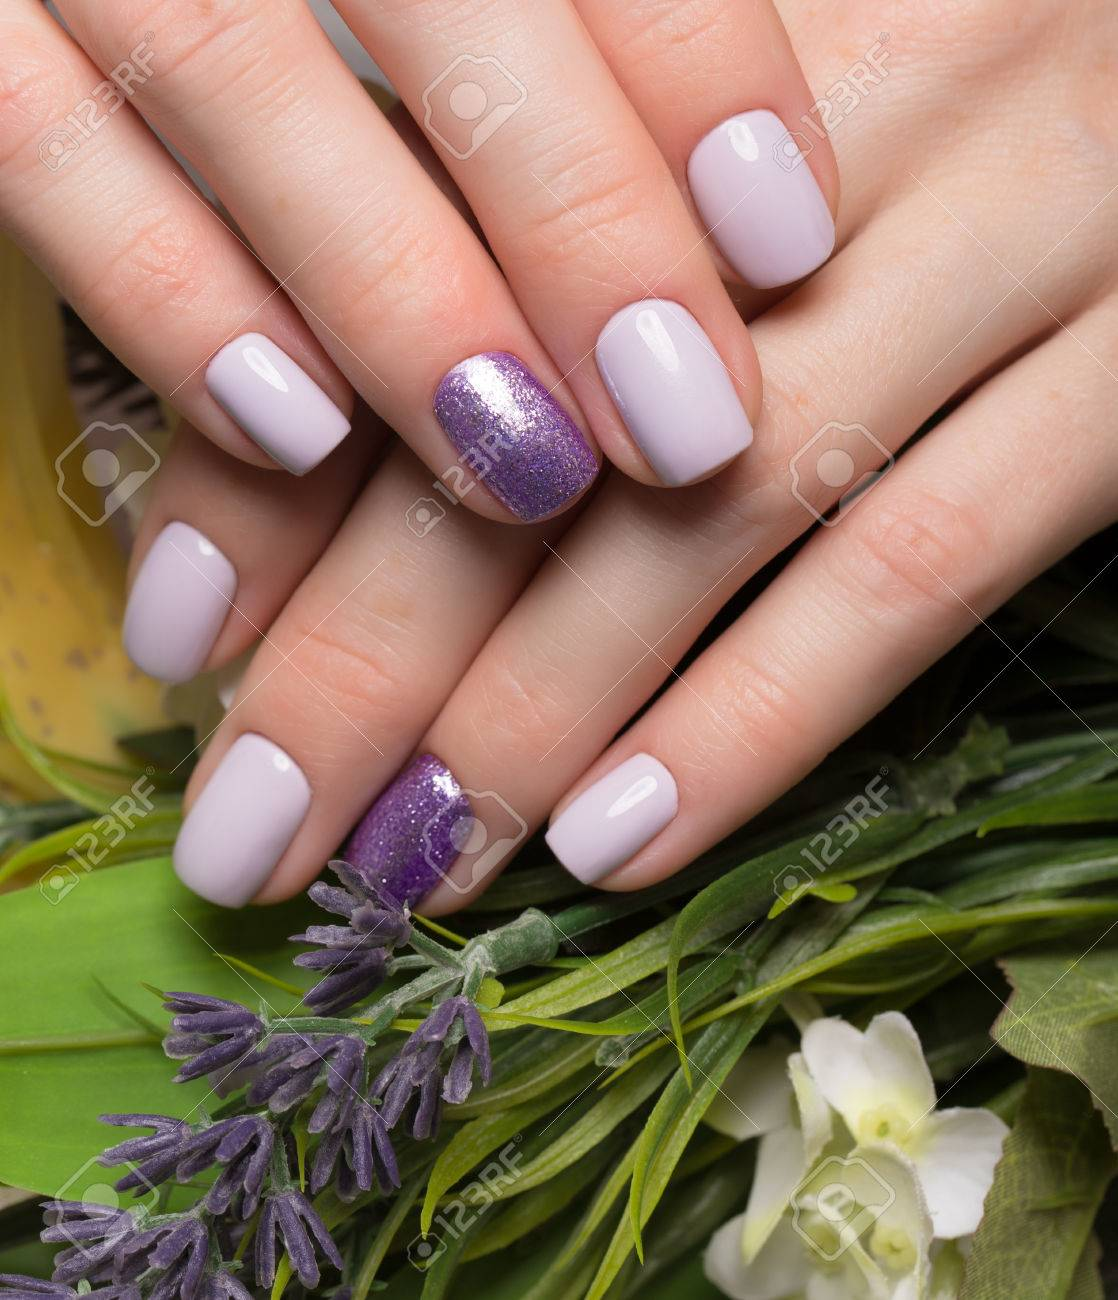 Manicura Aseada Purpura En Las Manos Femeninas En Un Fondo De Flores